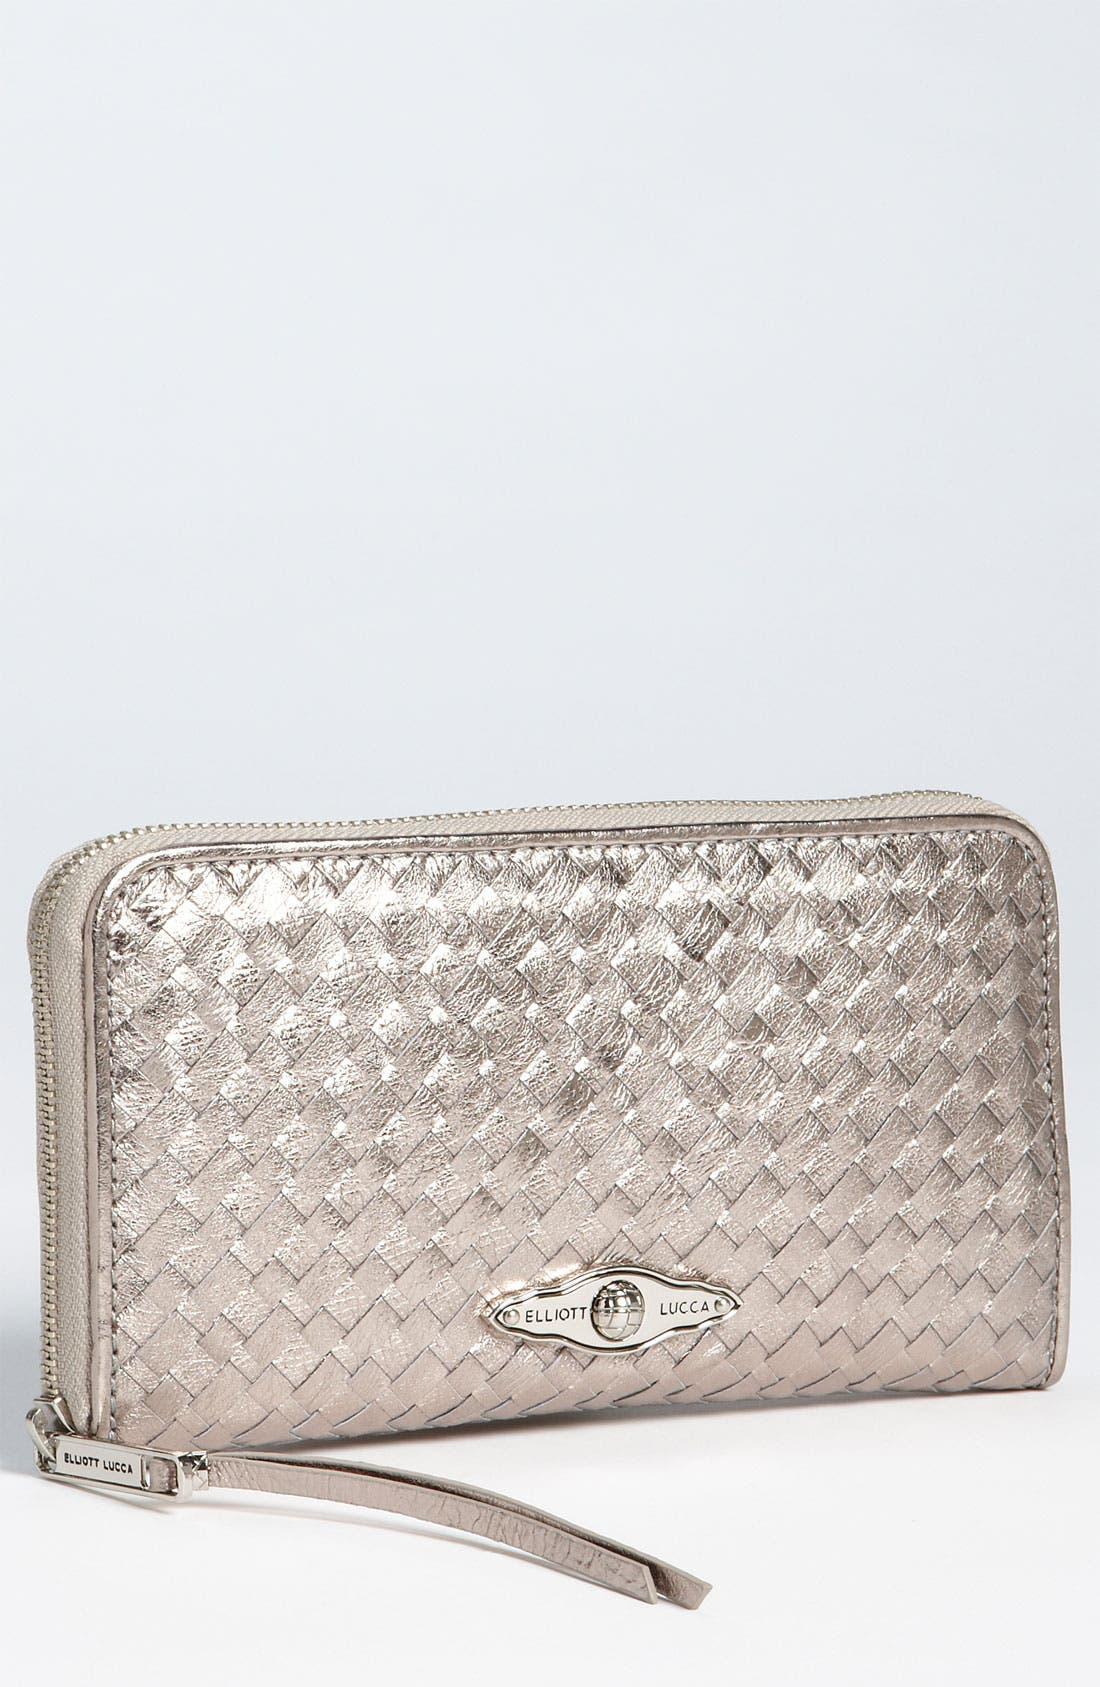 ELLIOTT LUCCA 'Large' Zip Around Wallet, Main, color, 040